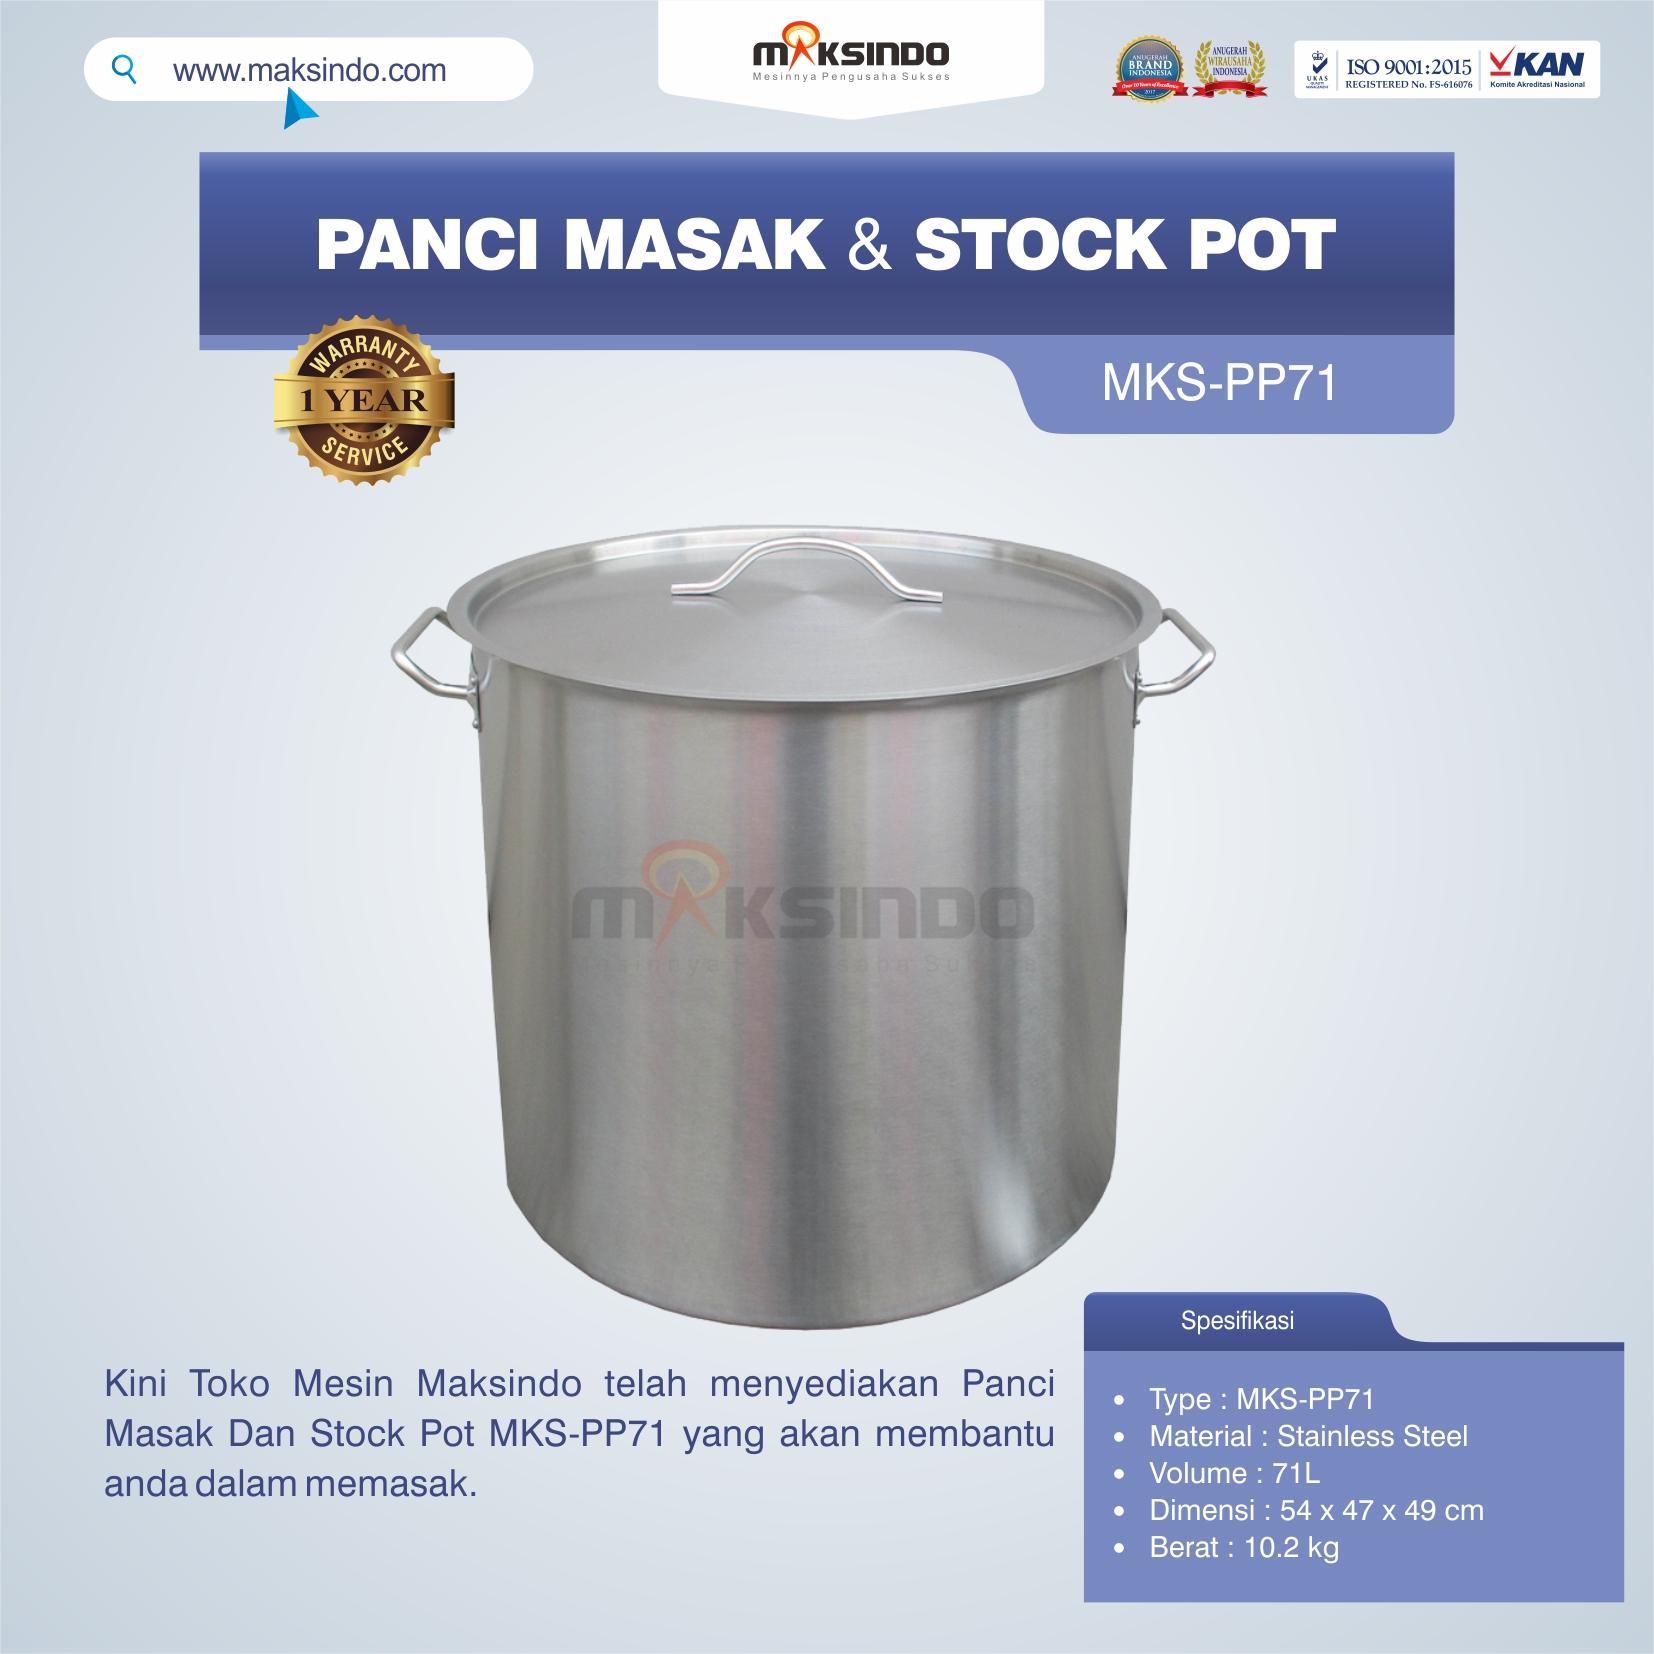 Jual Panci Masak Dan Stock Pot MKS-PP71 di Blitar